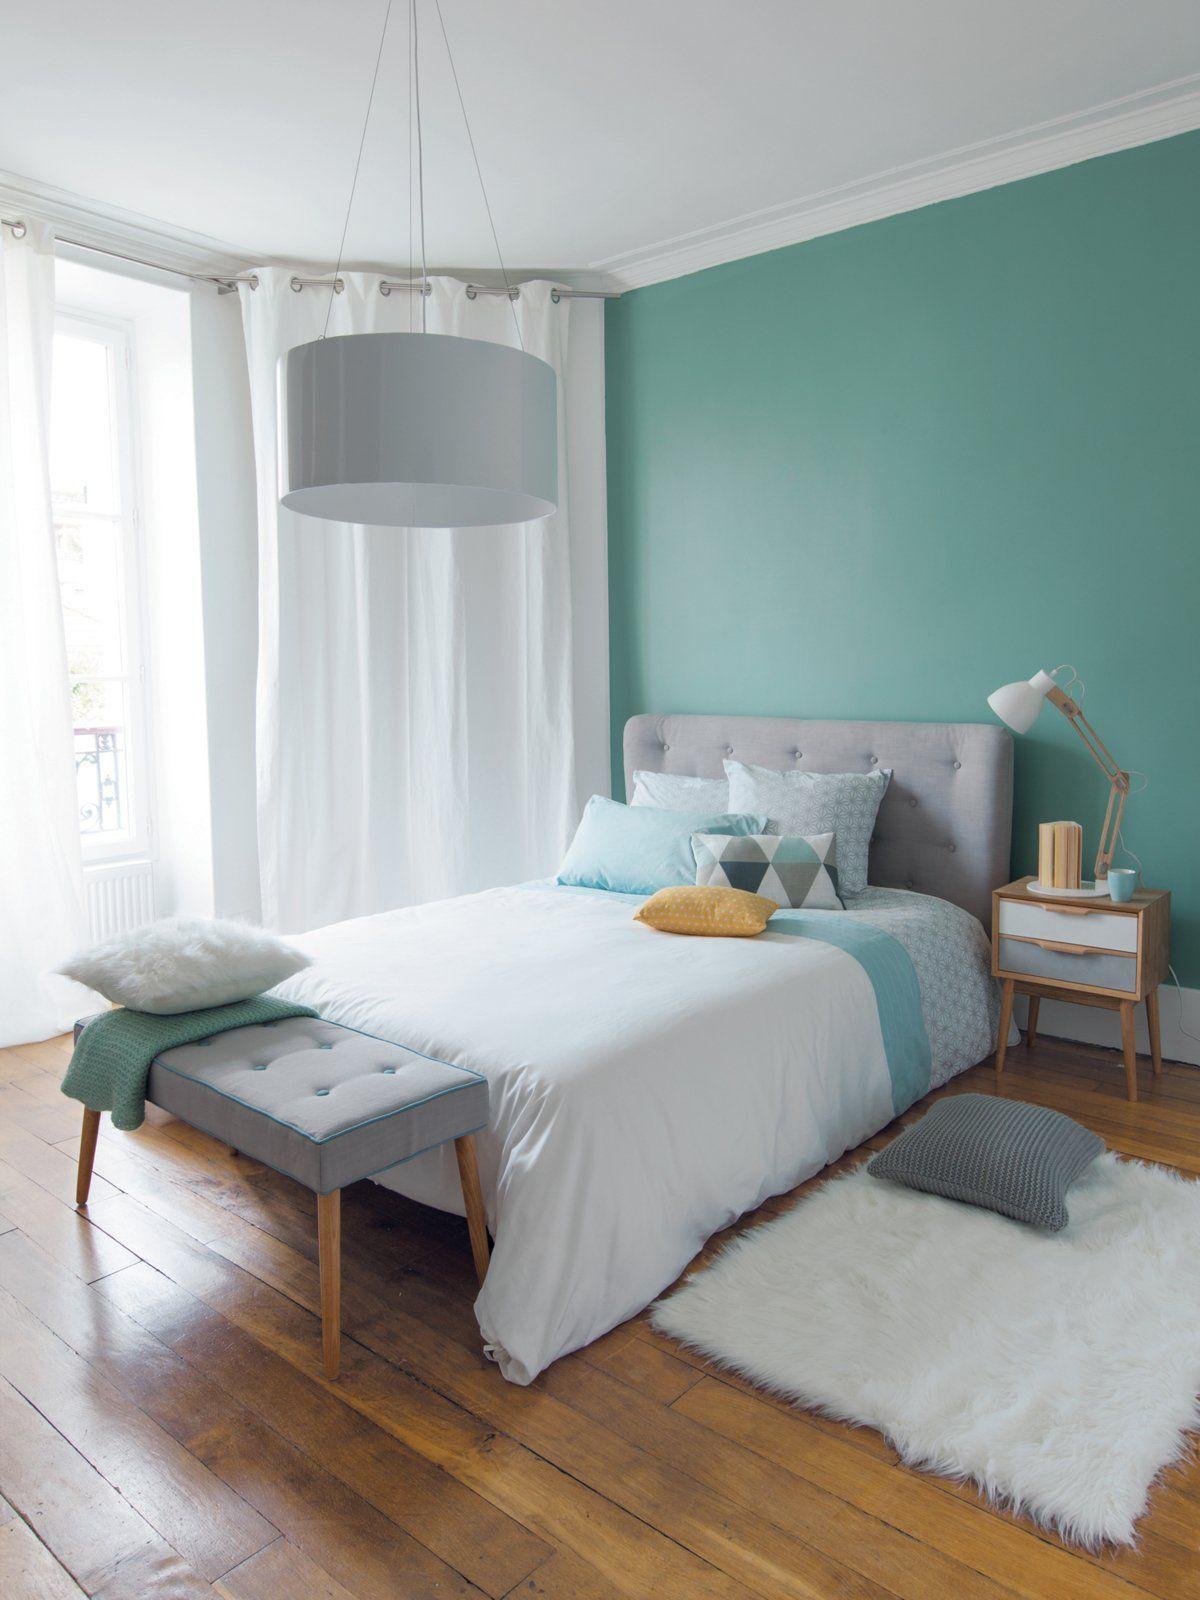 Wohnideen Schöner Wohnen Schlafzimmer schöner wohnen schlafzimmer gestalten